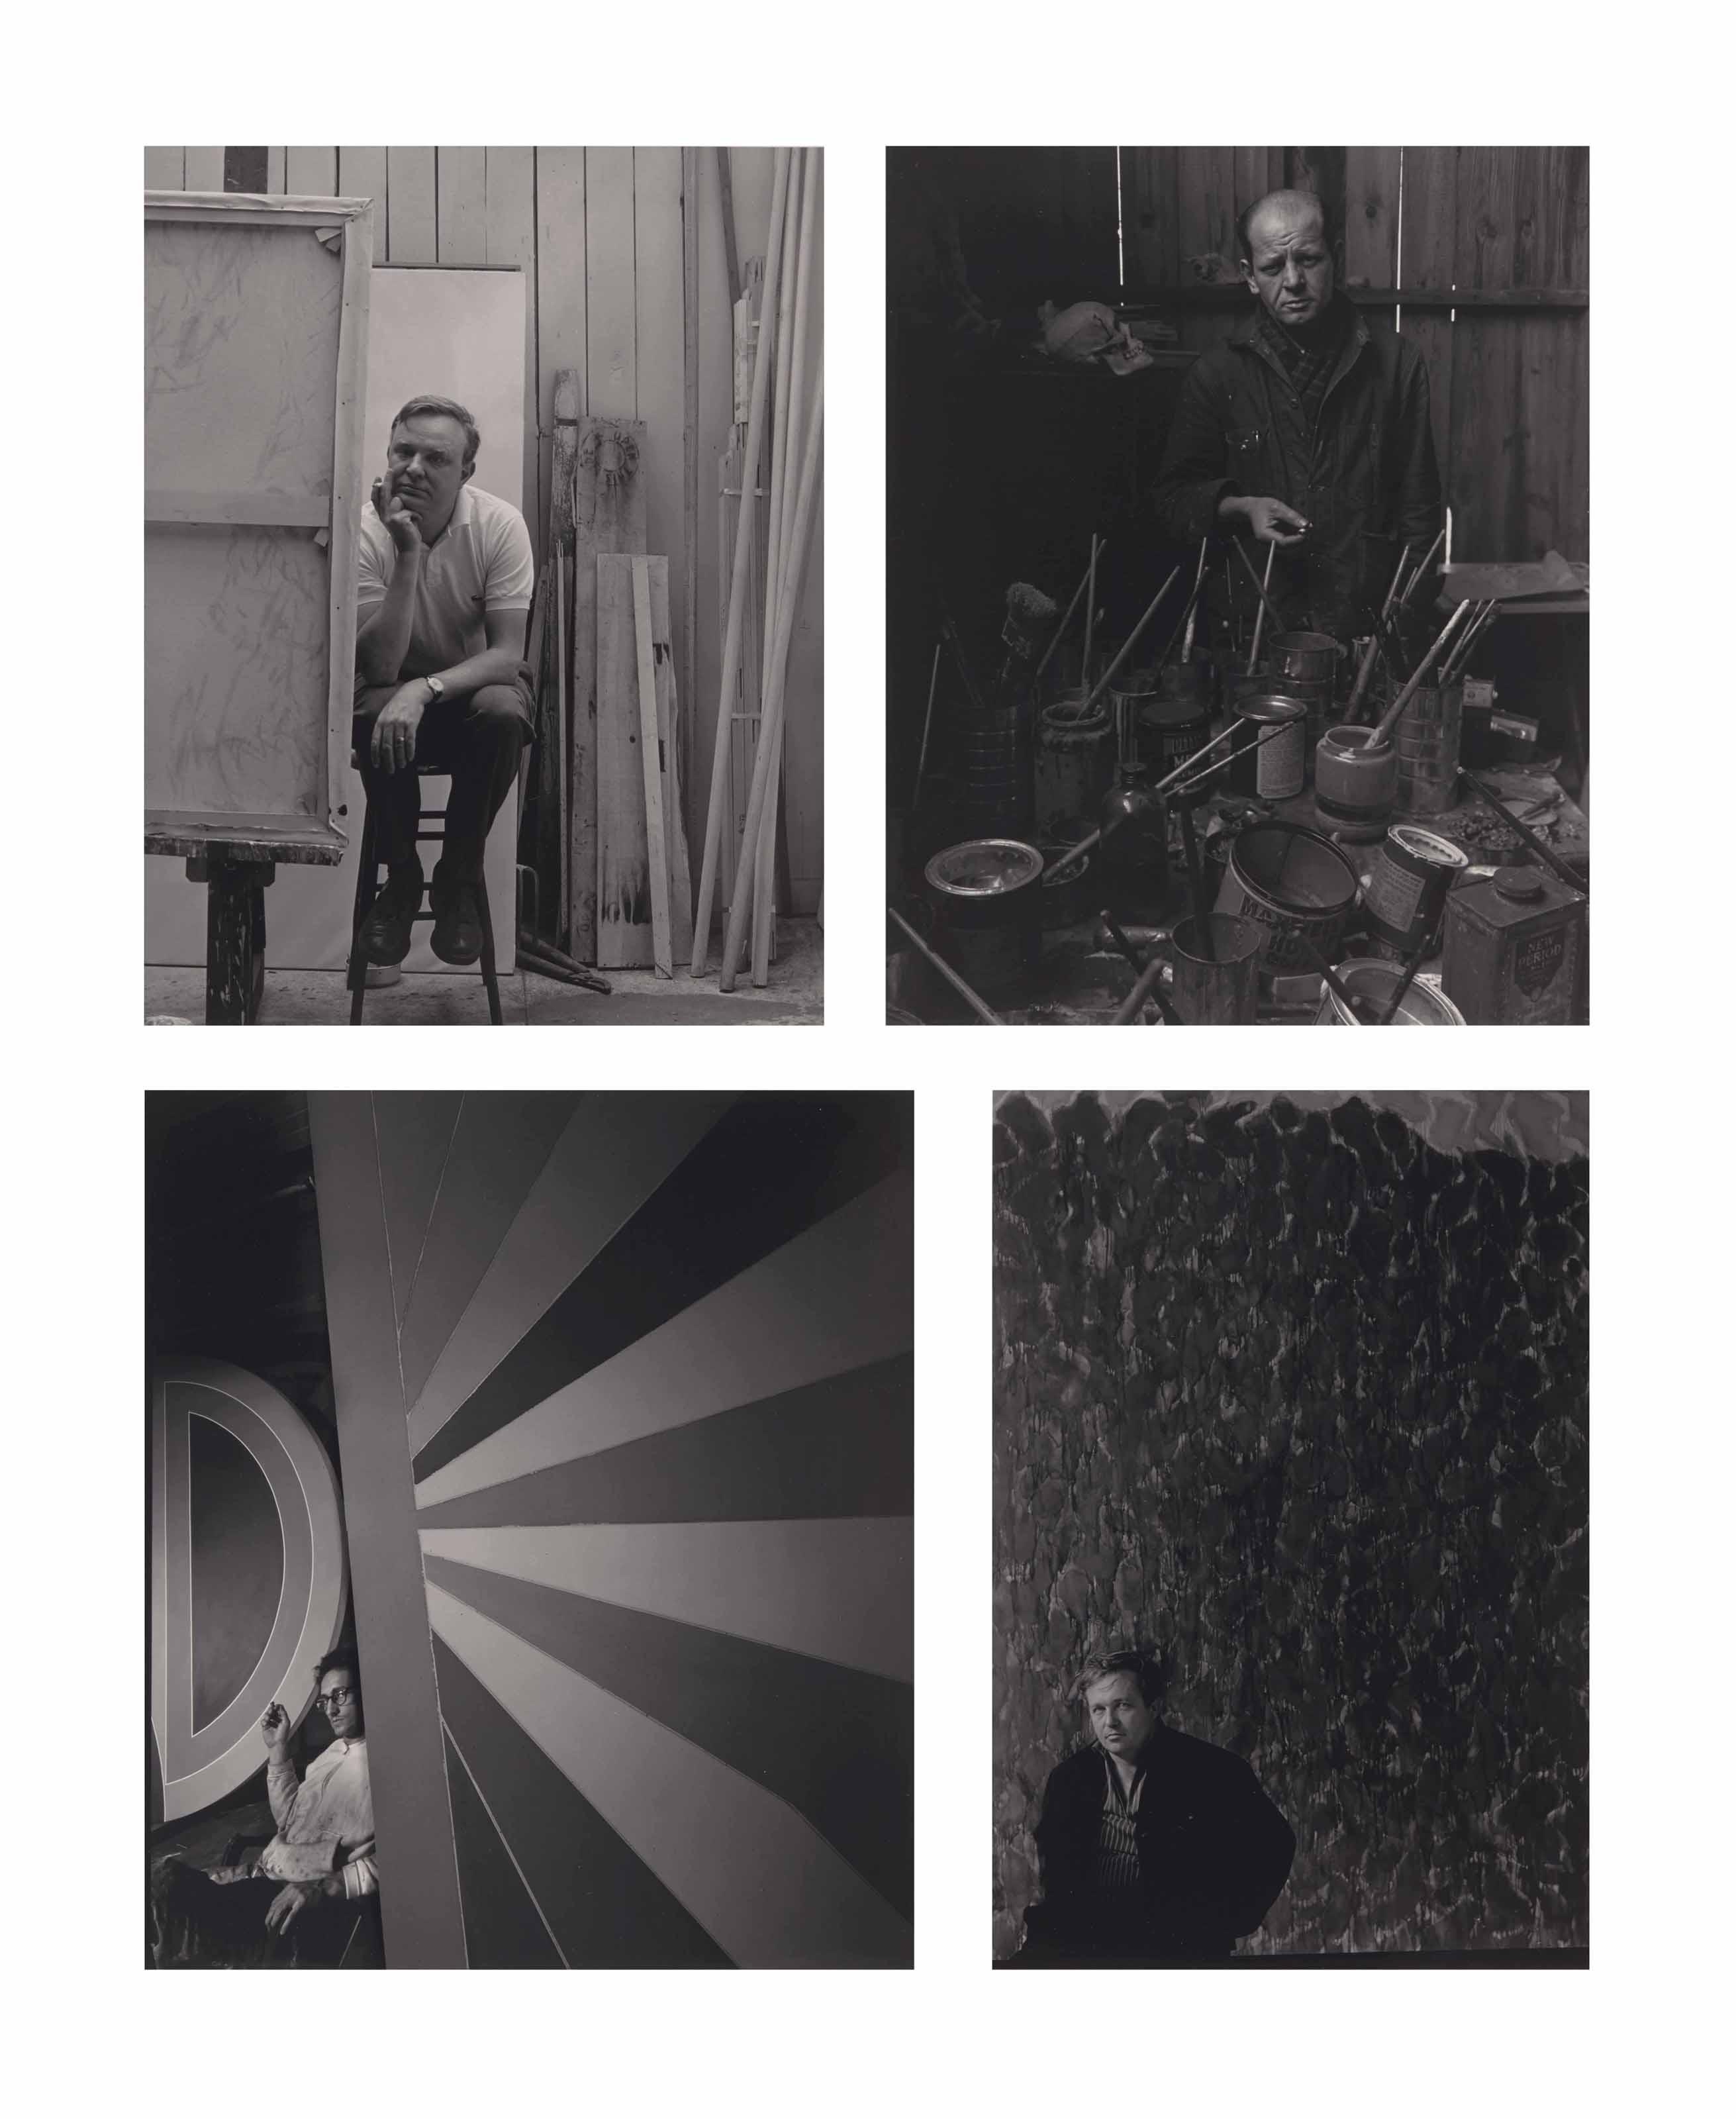 Sir Cecil Beaton, 1978; Sir Frederic Ashton, 1978; Jackson Pollock, 1949; Sam Francis, 1957; Robert Motherwell, 1959; Frank Stella, 1967; Christo, 1980; Antonio Tapiès, 1966